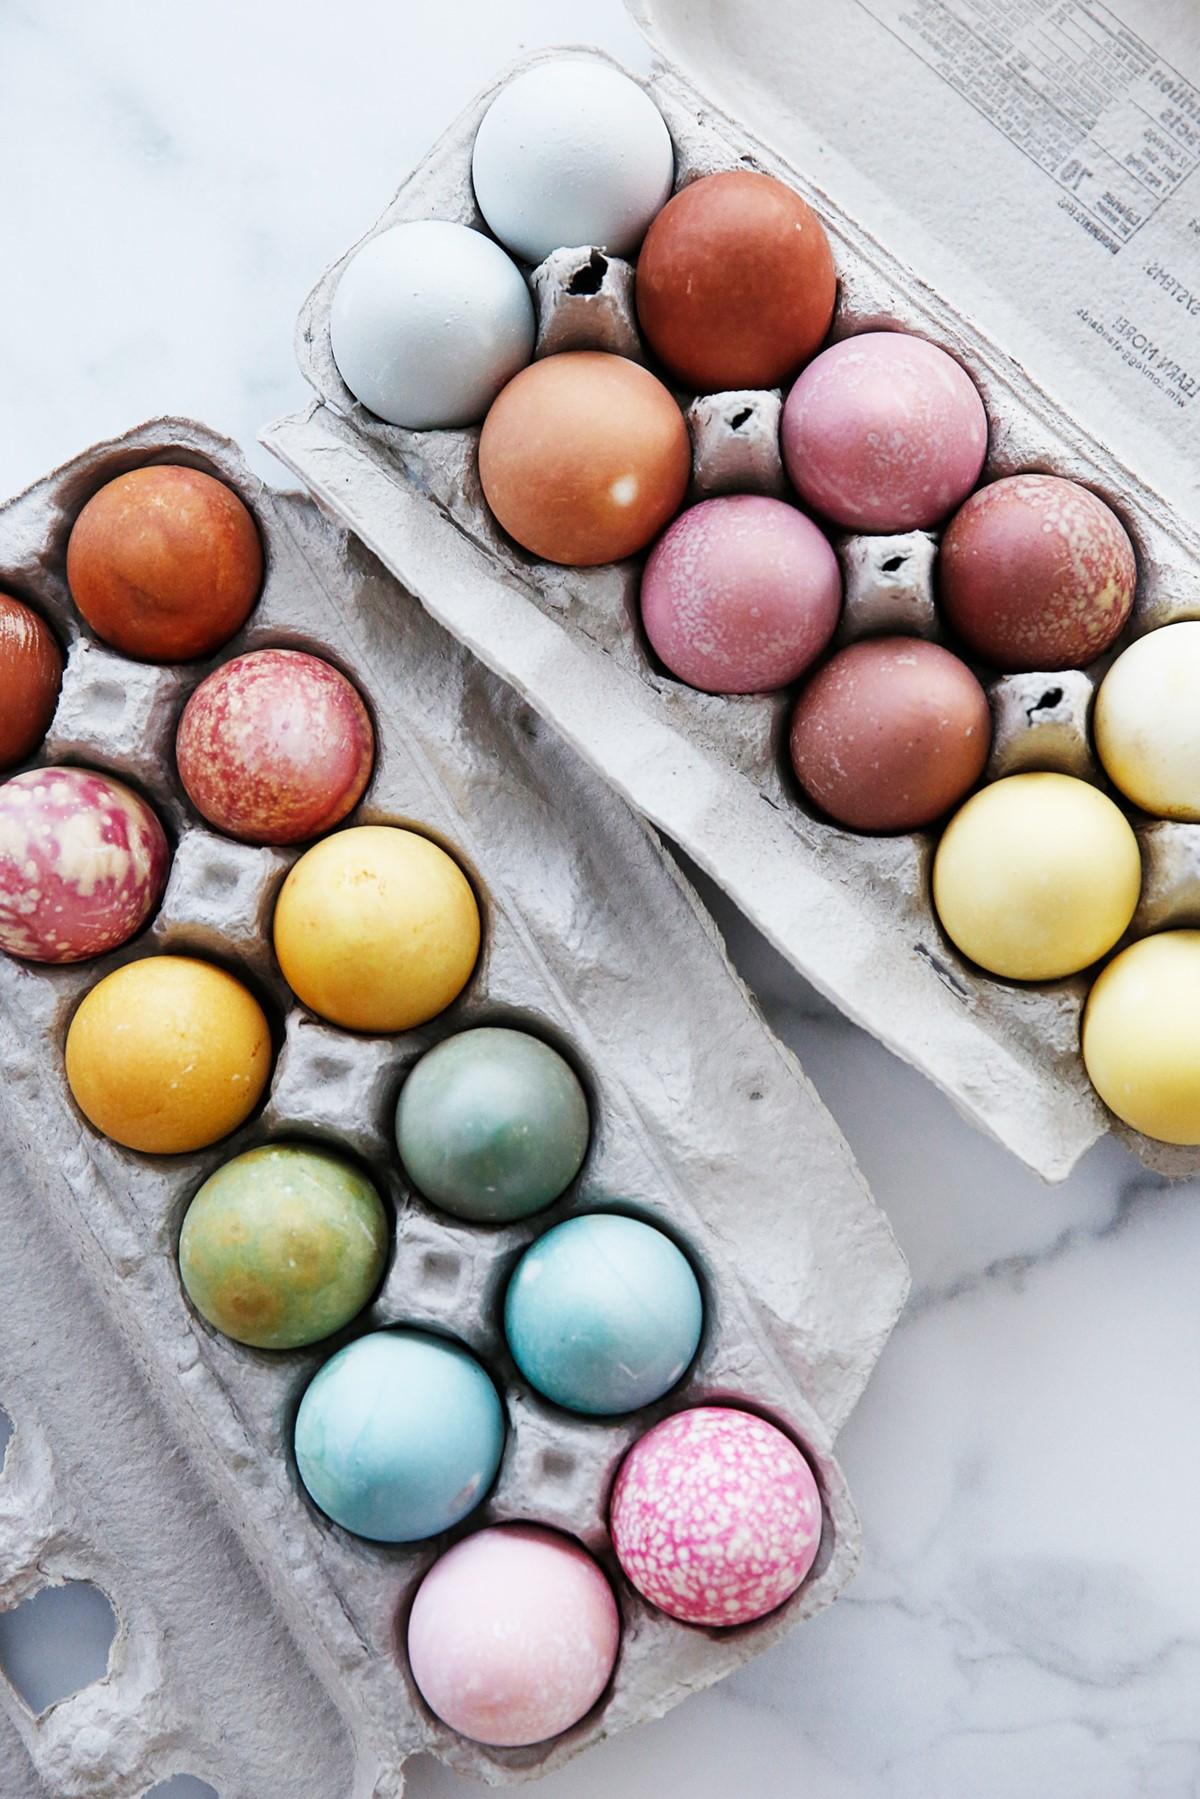 Bricolage de Pâques pour adultes: si vous utilisez un autocuiseur électrique, placez les œufs sur l'insert de la grille.